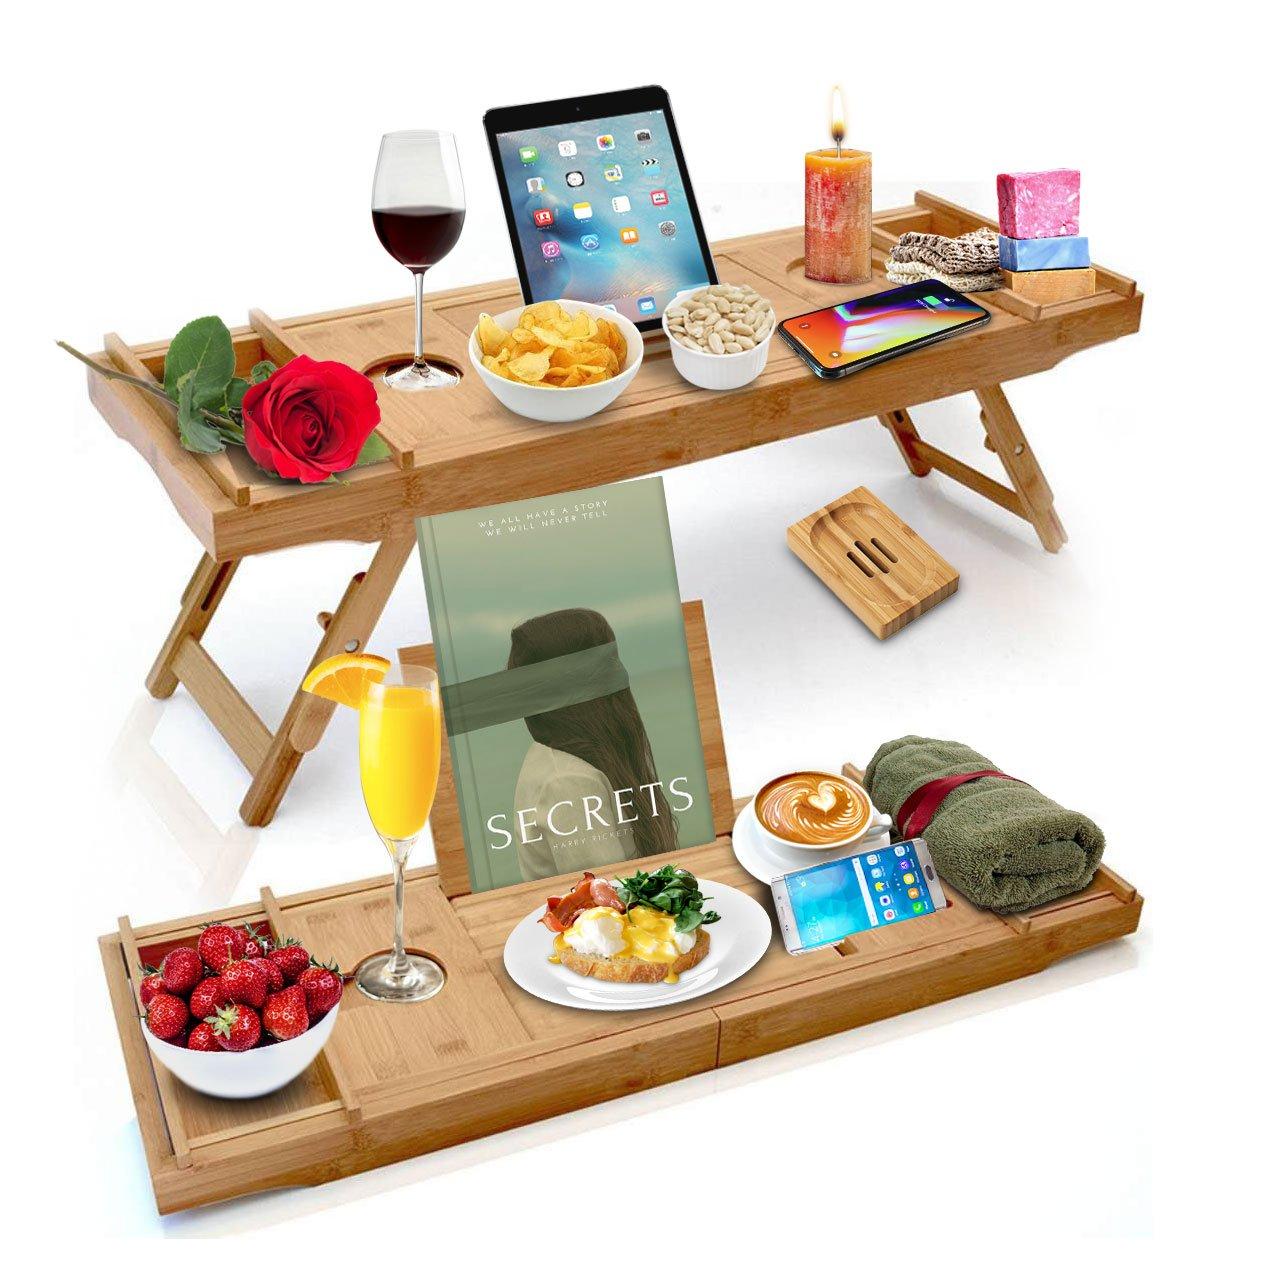 Bambus Badewannenablage Bettablage Sofaablage Badewannen Ablagen 2 in 1 Halterung für Weinglas Glas Tablet Buch Smartphone Länge 75-108 cm Ausziehbar mit Seifenschale Witalis